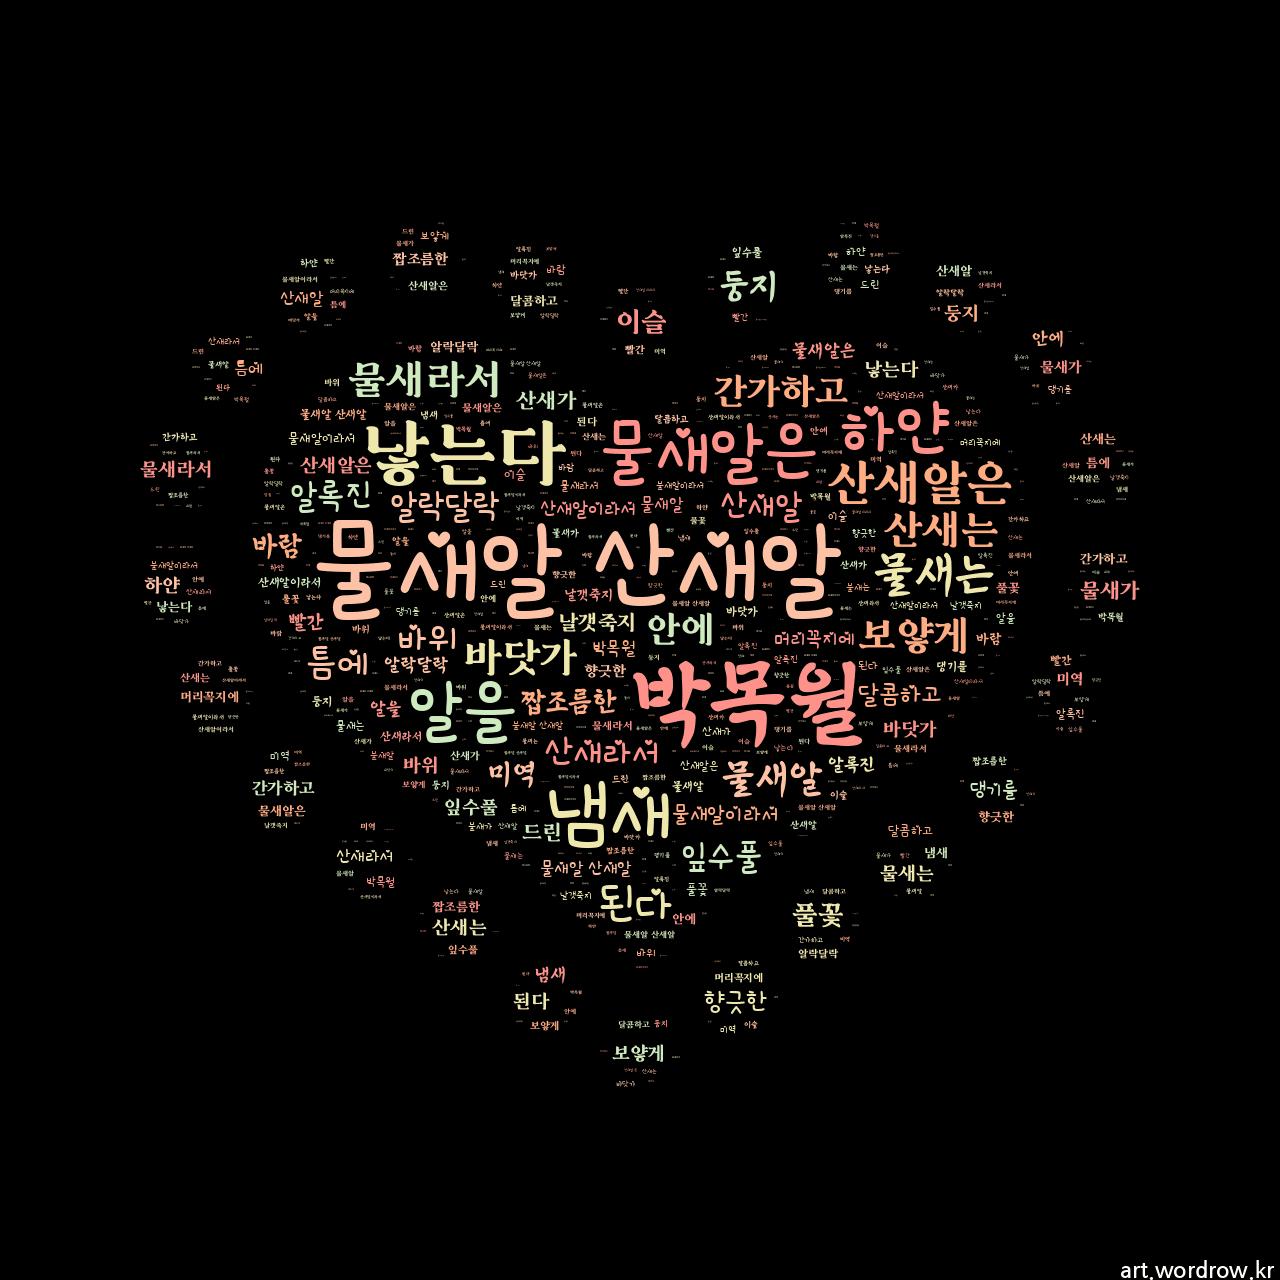 워드 클라우드: 물새알 산새알 [박목월]-7